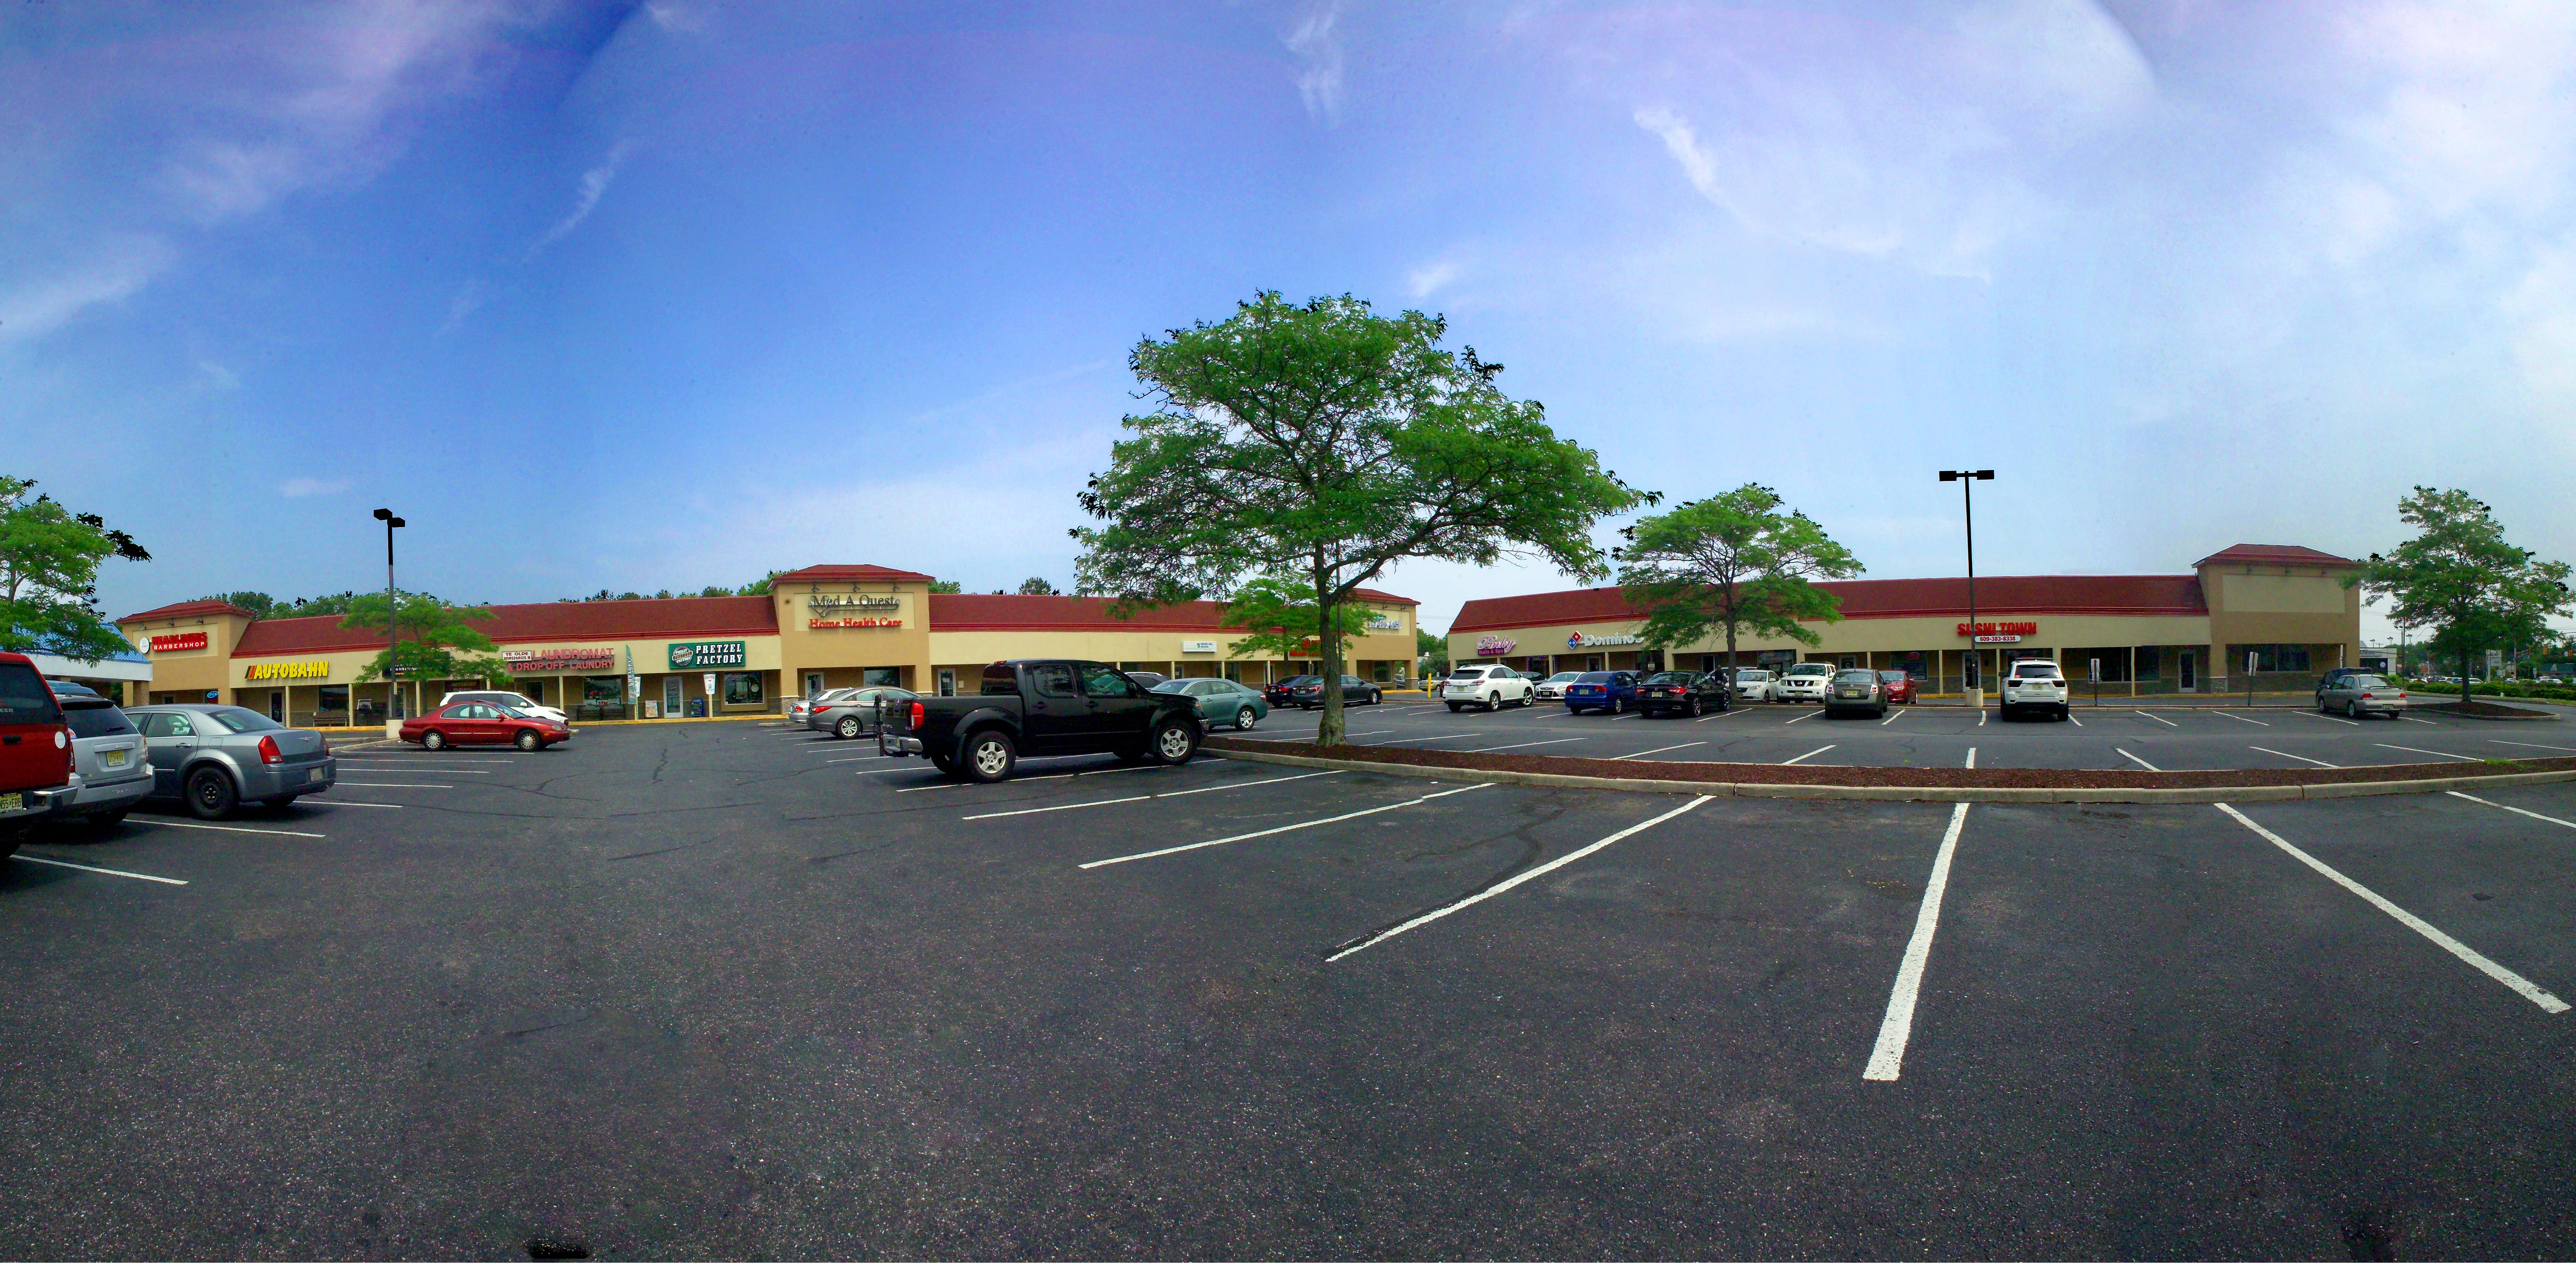 Tilton Times Shopping Center